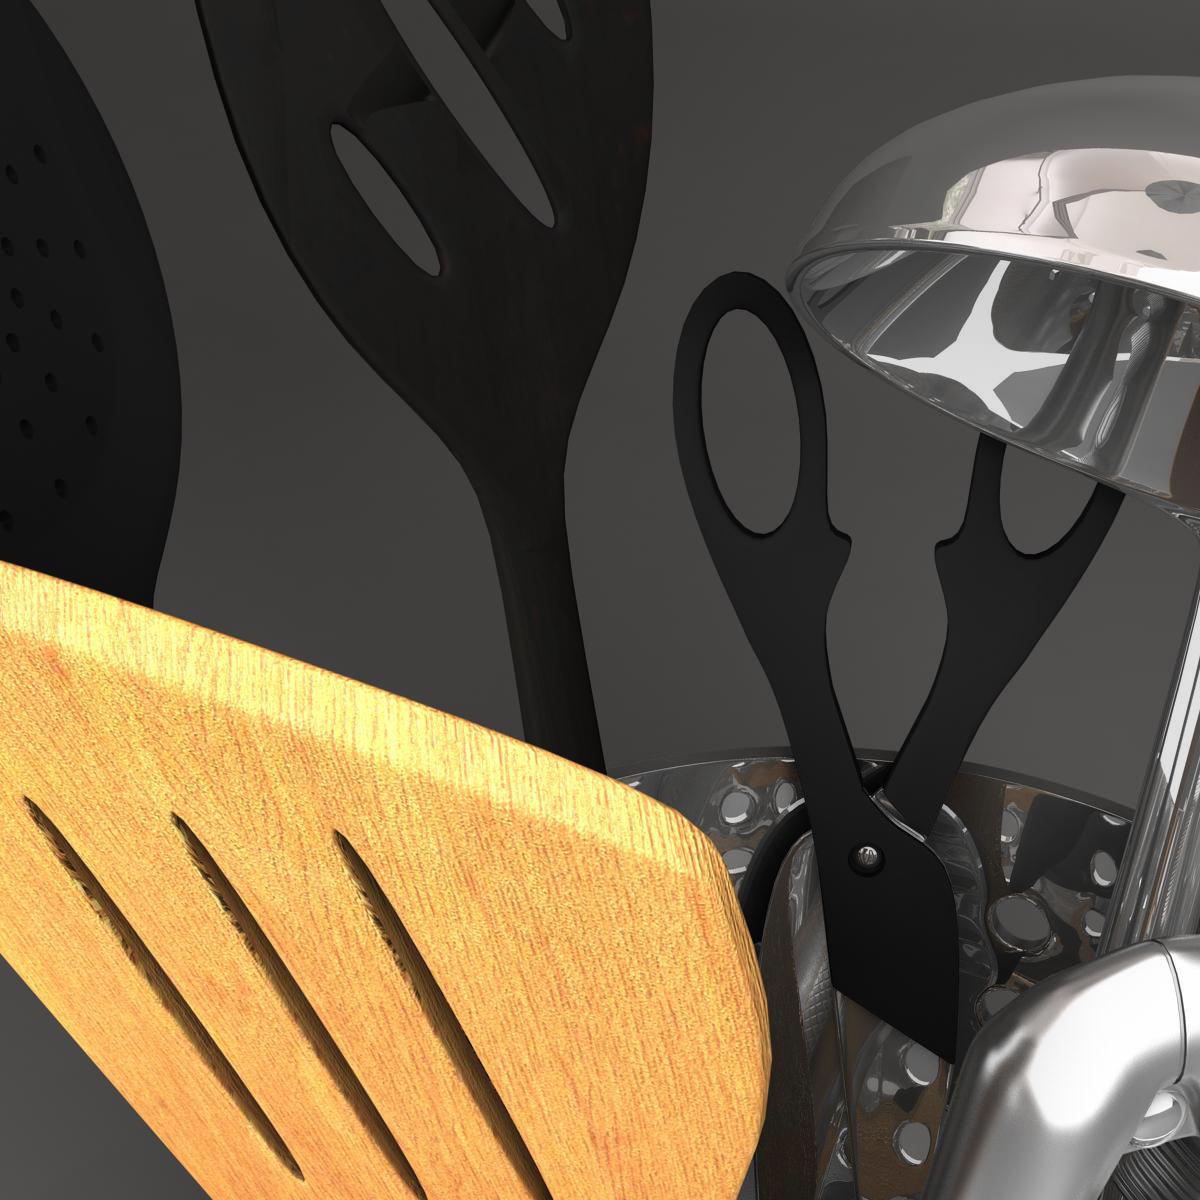 kitche utensils kit 3d model max fbx c4d ma mb obj 159294